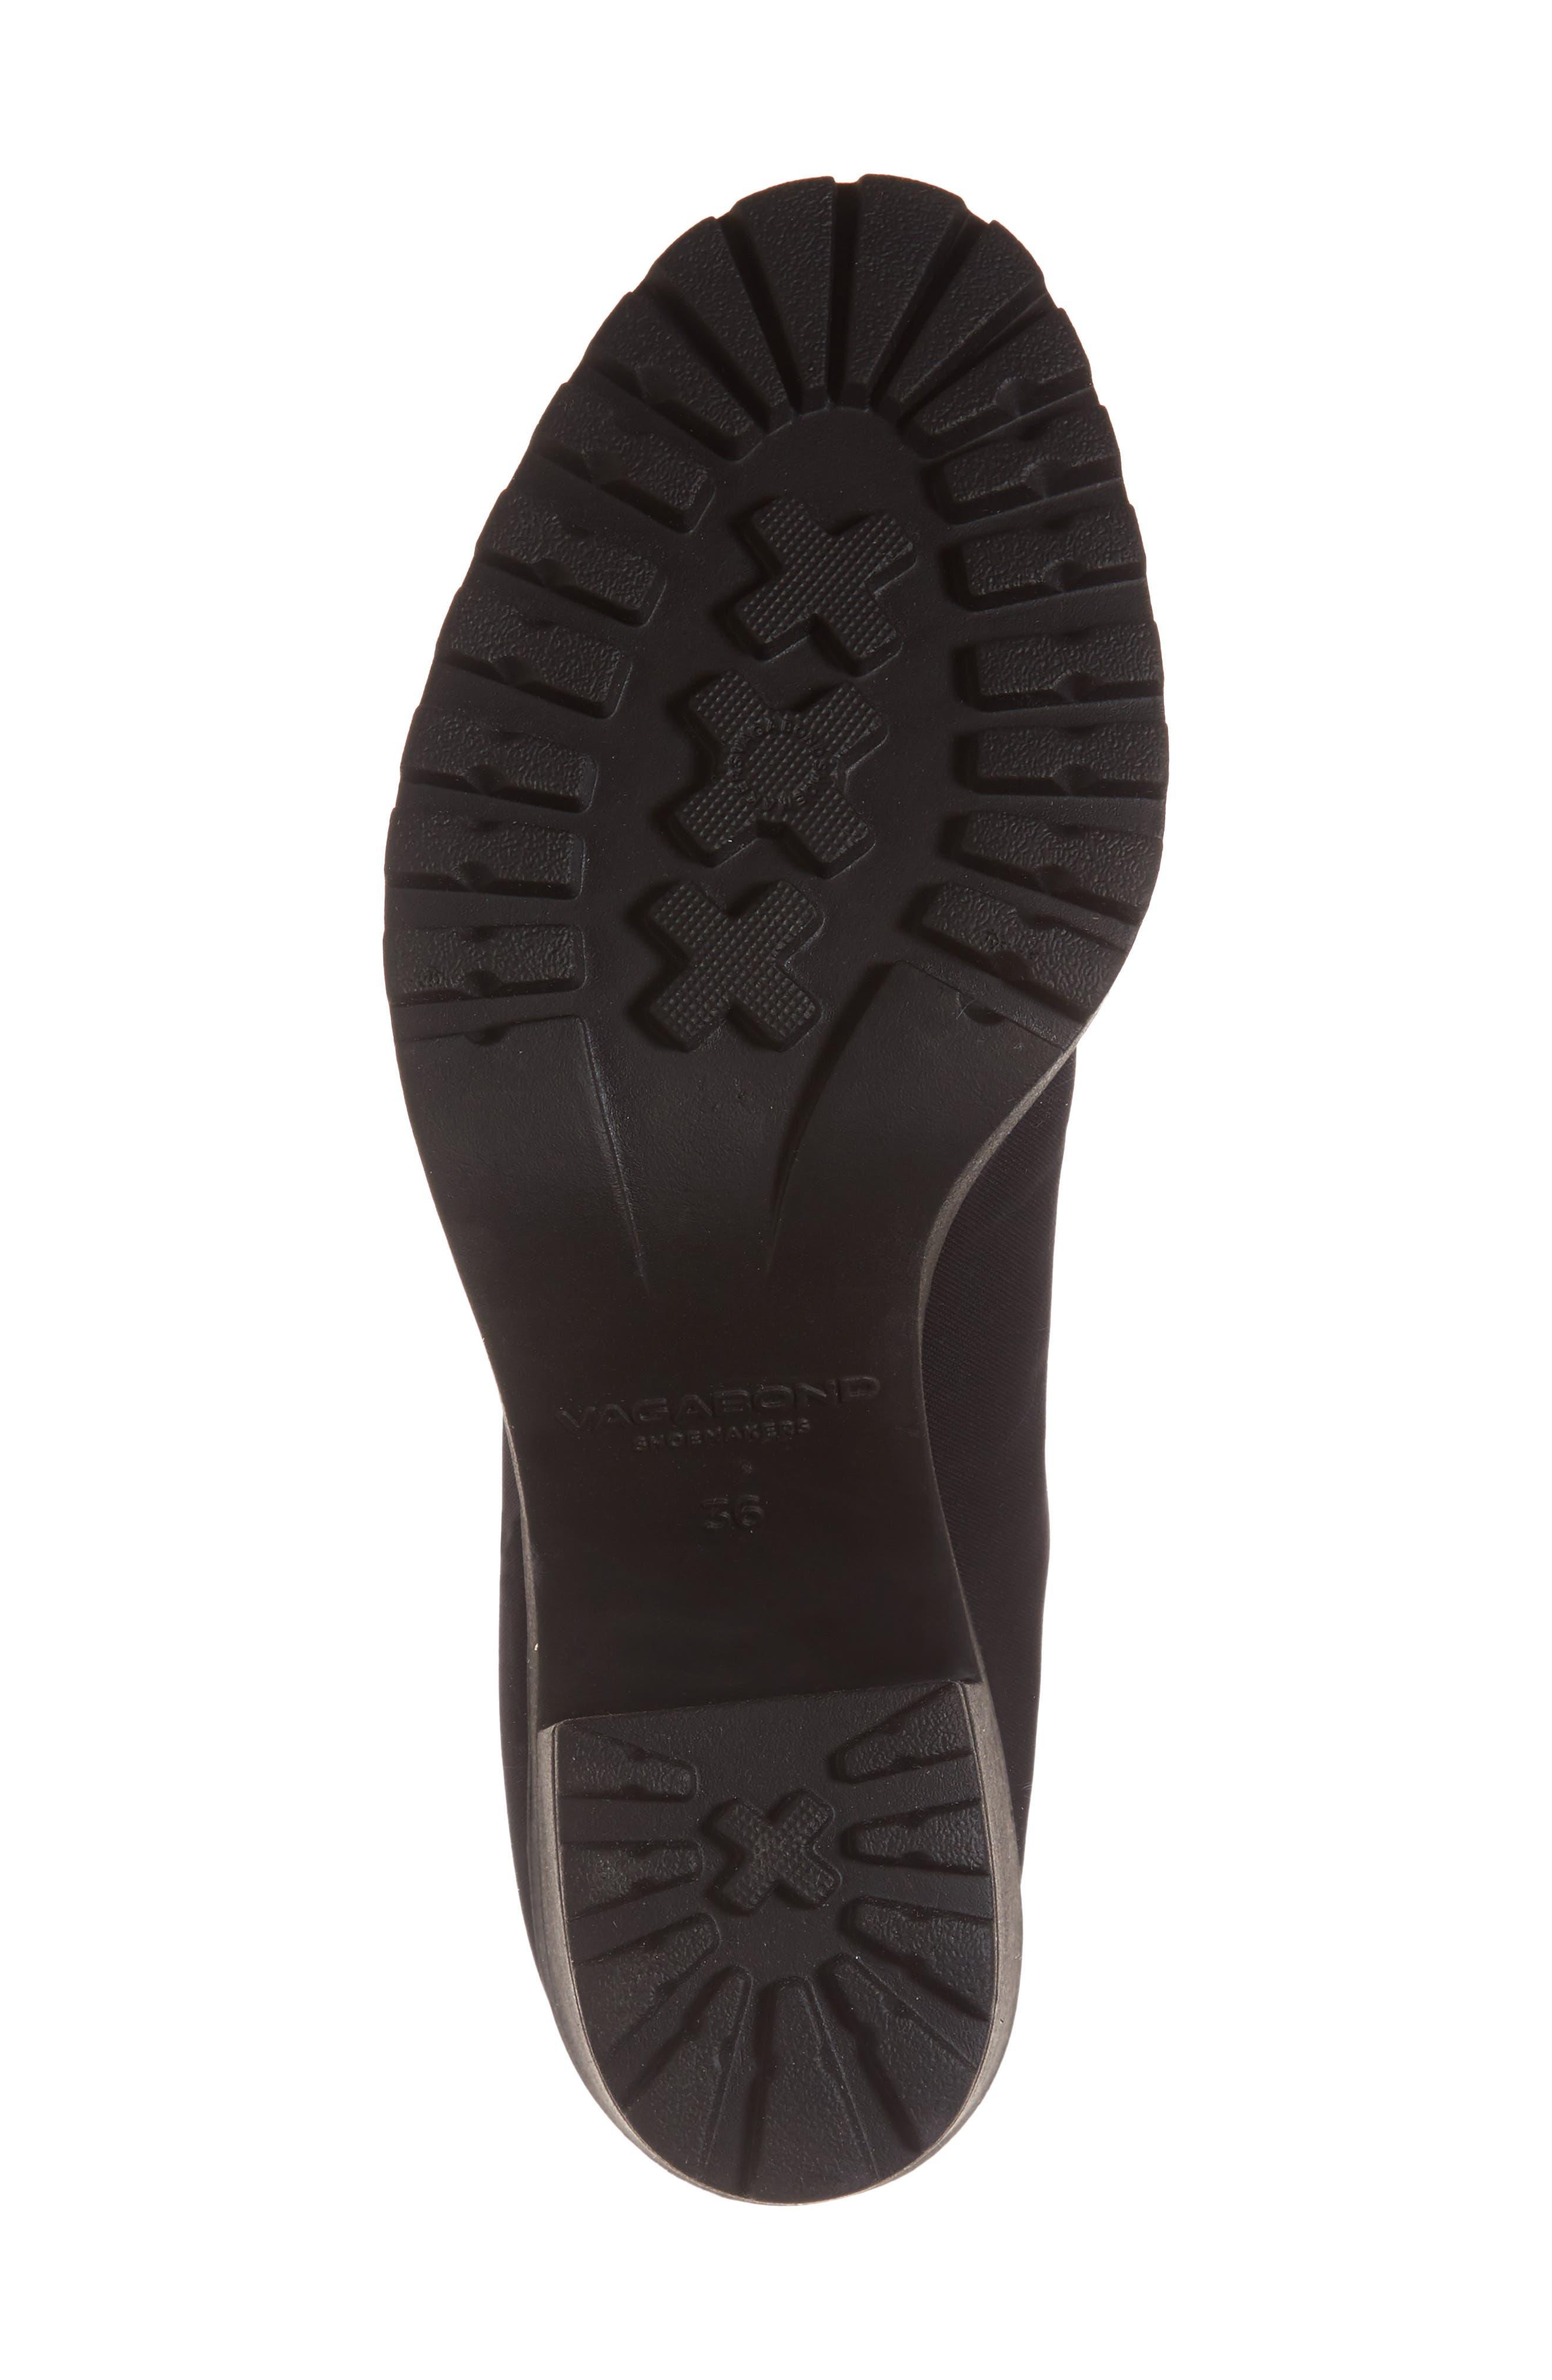 VAGABOND, Shoemakers Grace Platform Bootie, Alternate thumbnail 6, color, BLACK FABRIC